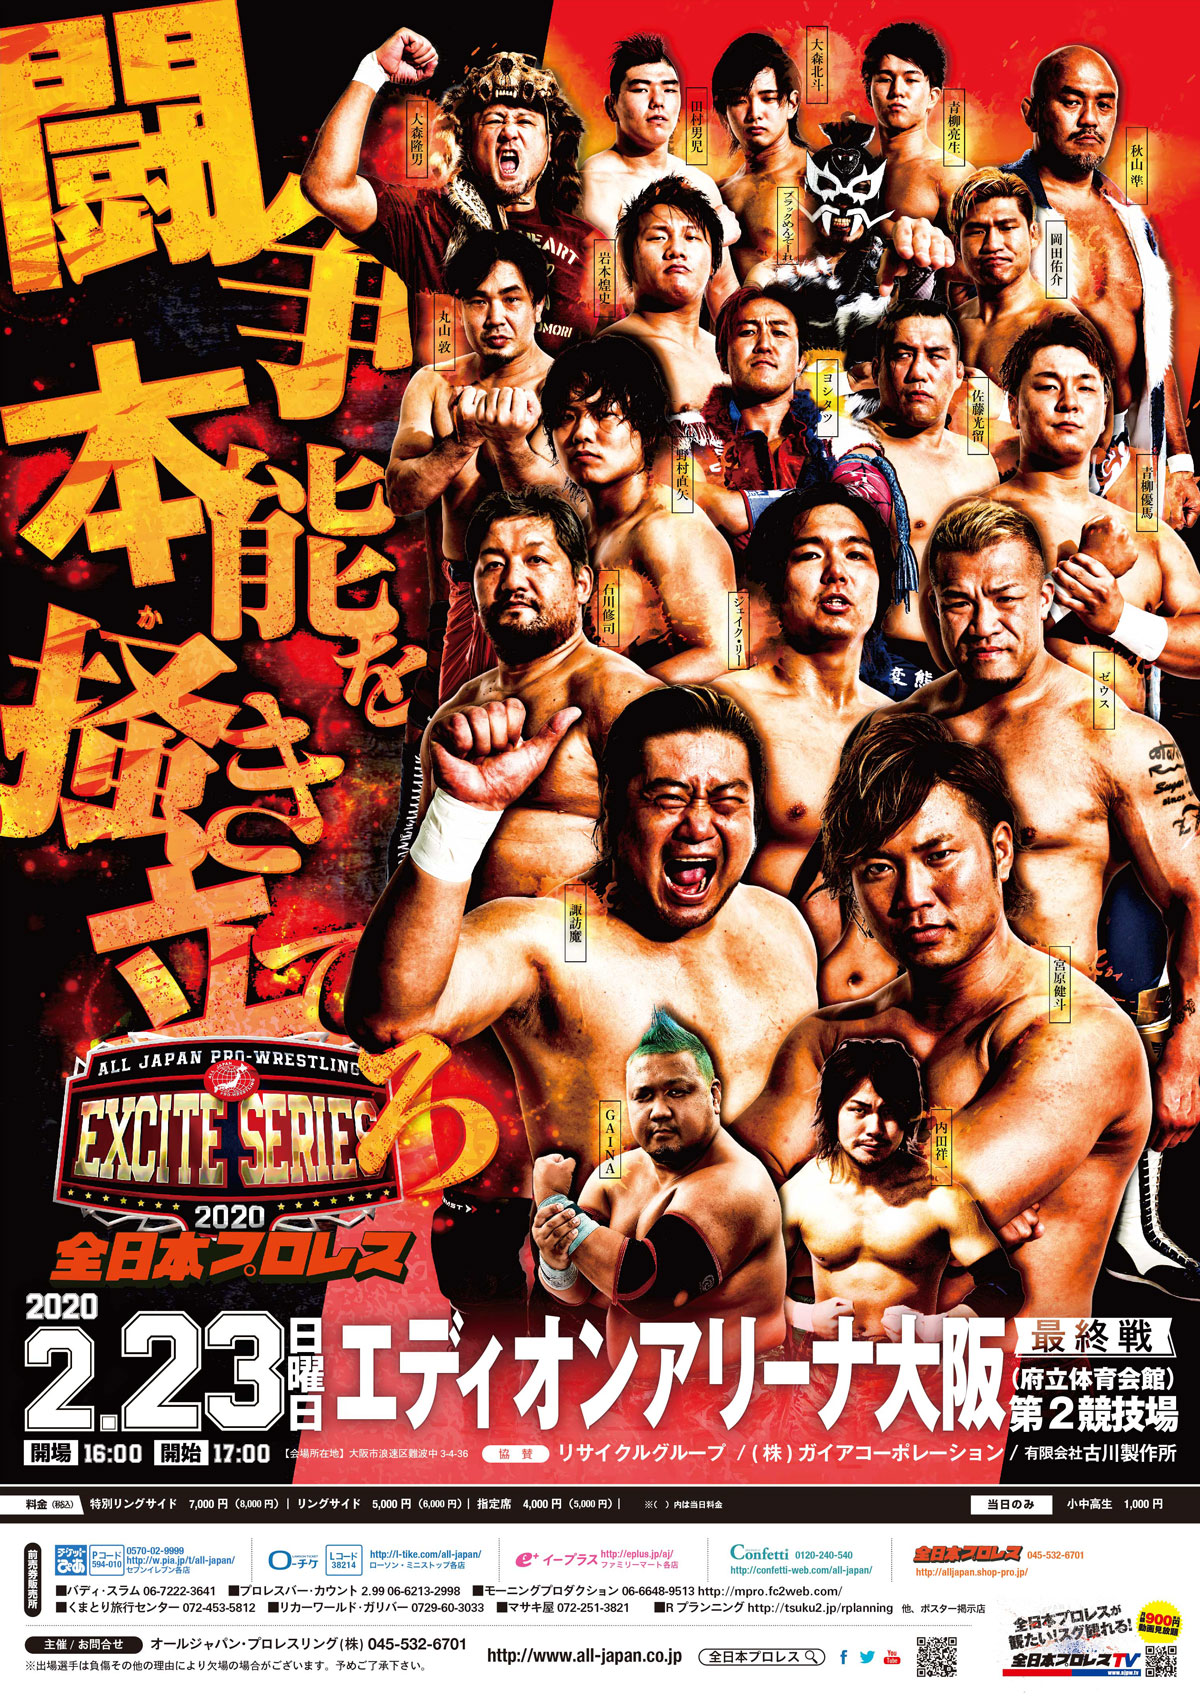 AJPW Excite Series 2020 - Night 9